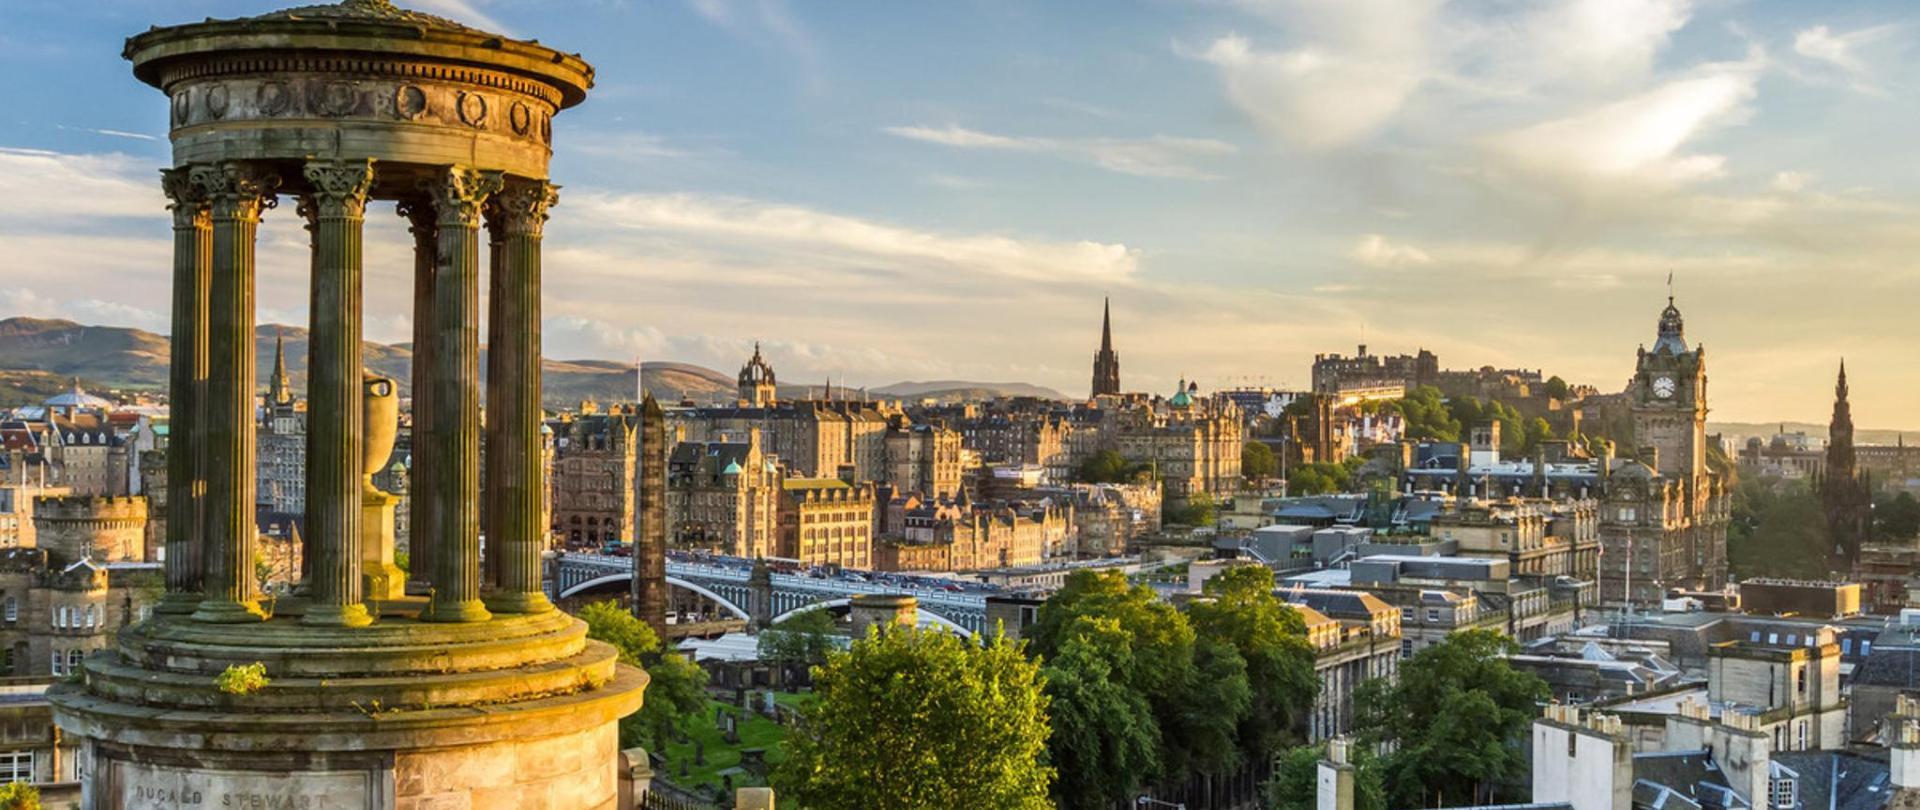 Edinburgh pic 2.jpg